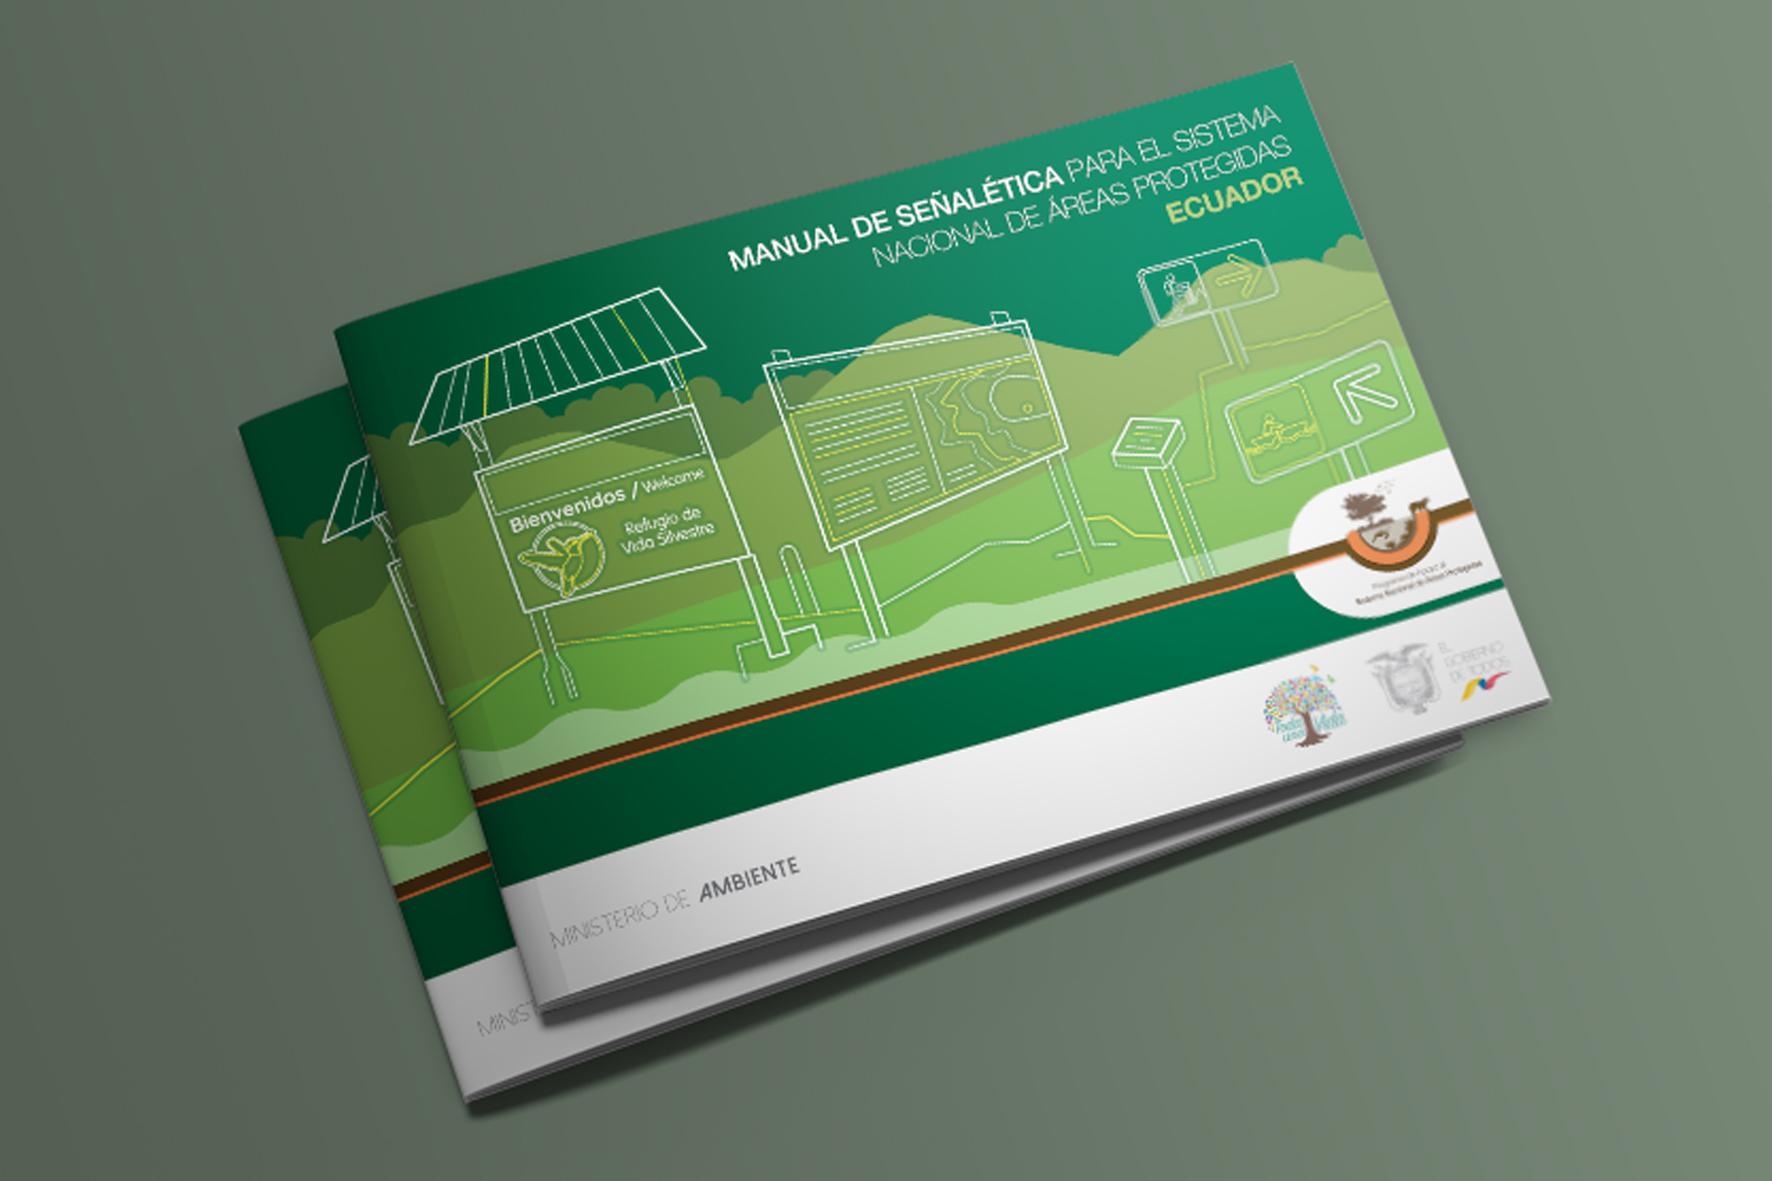 Manuales06.jpg